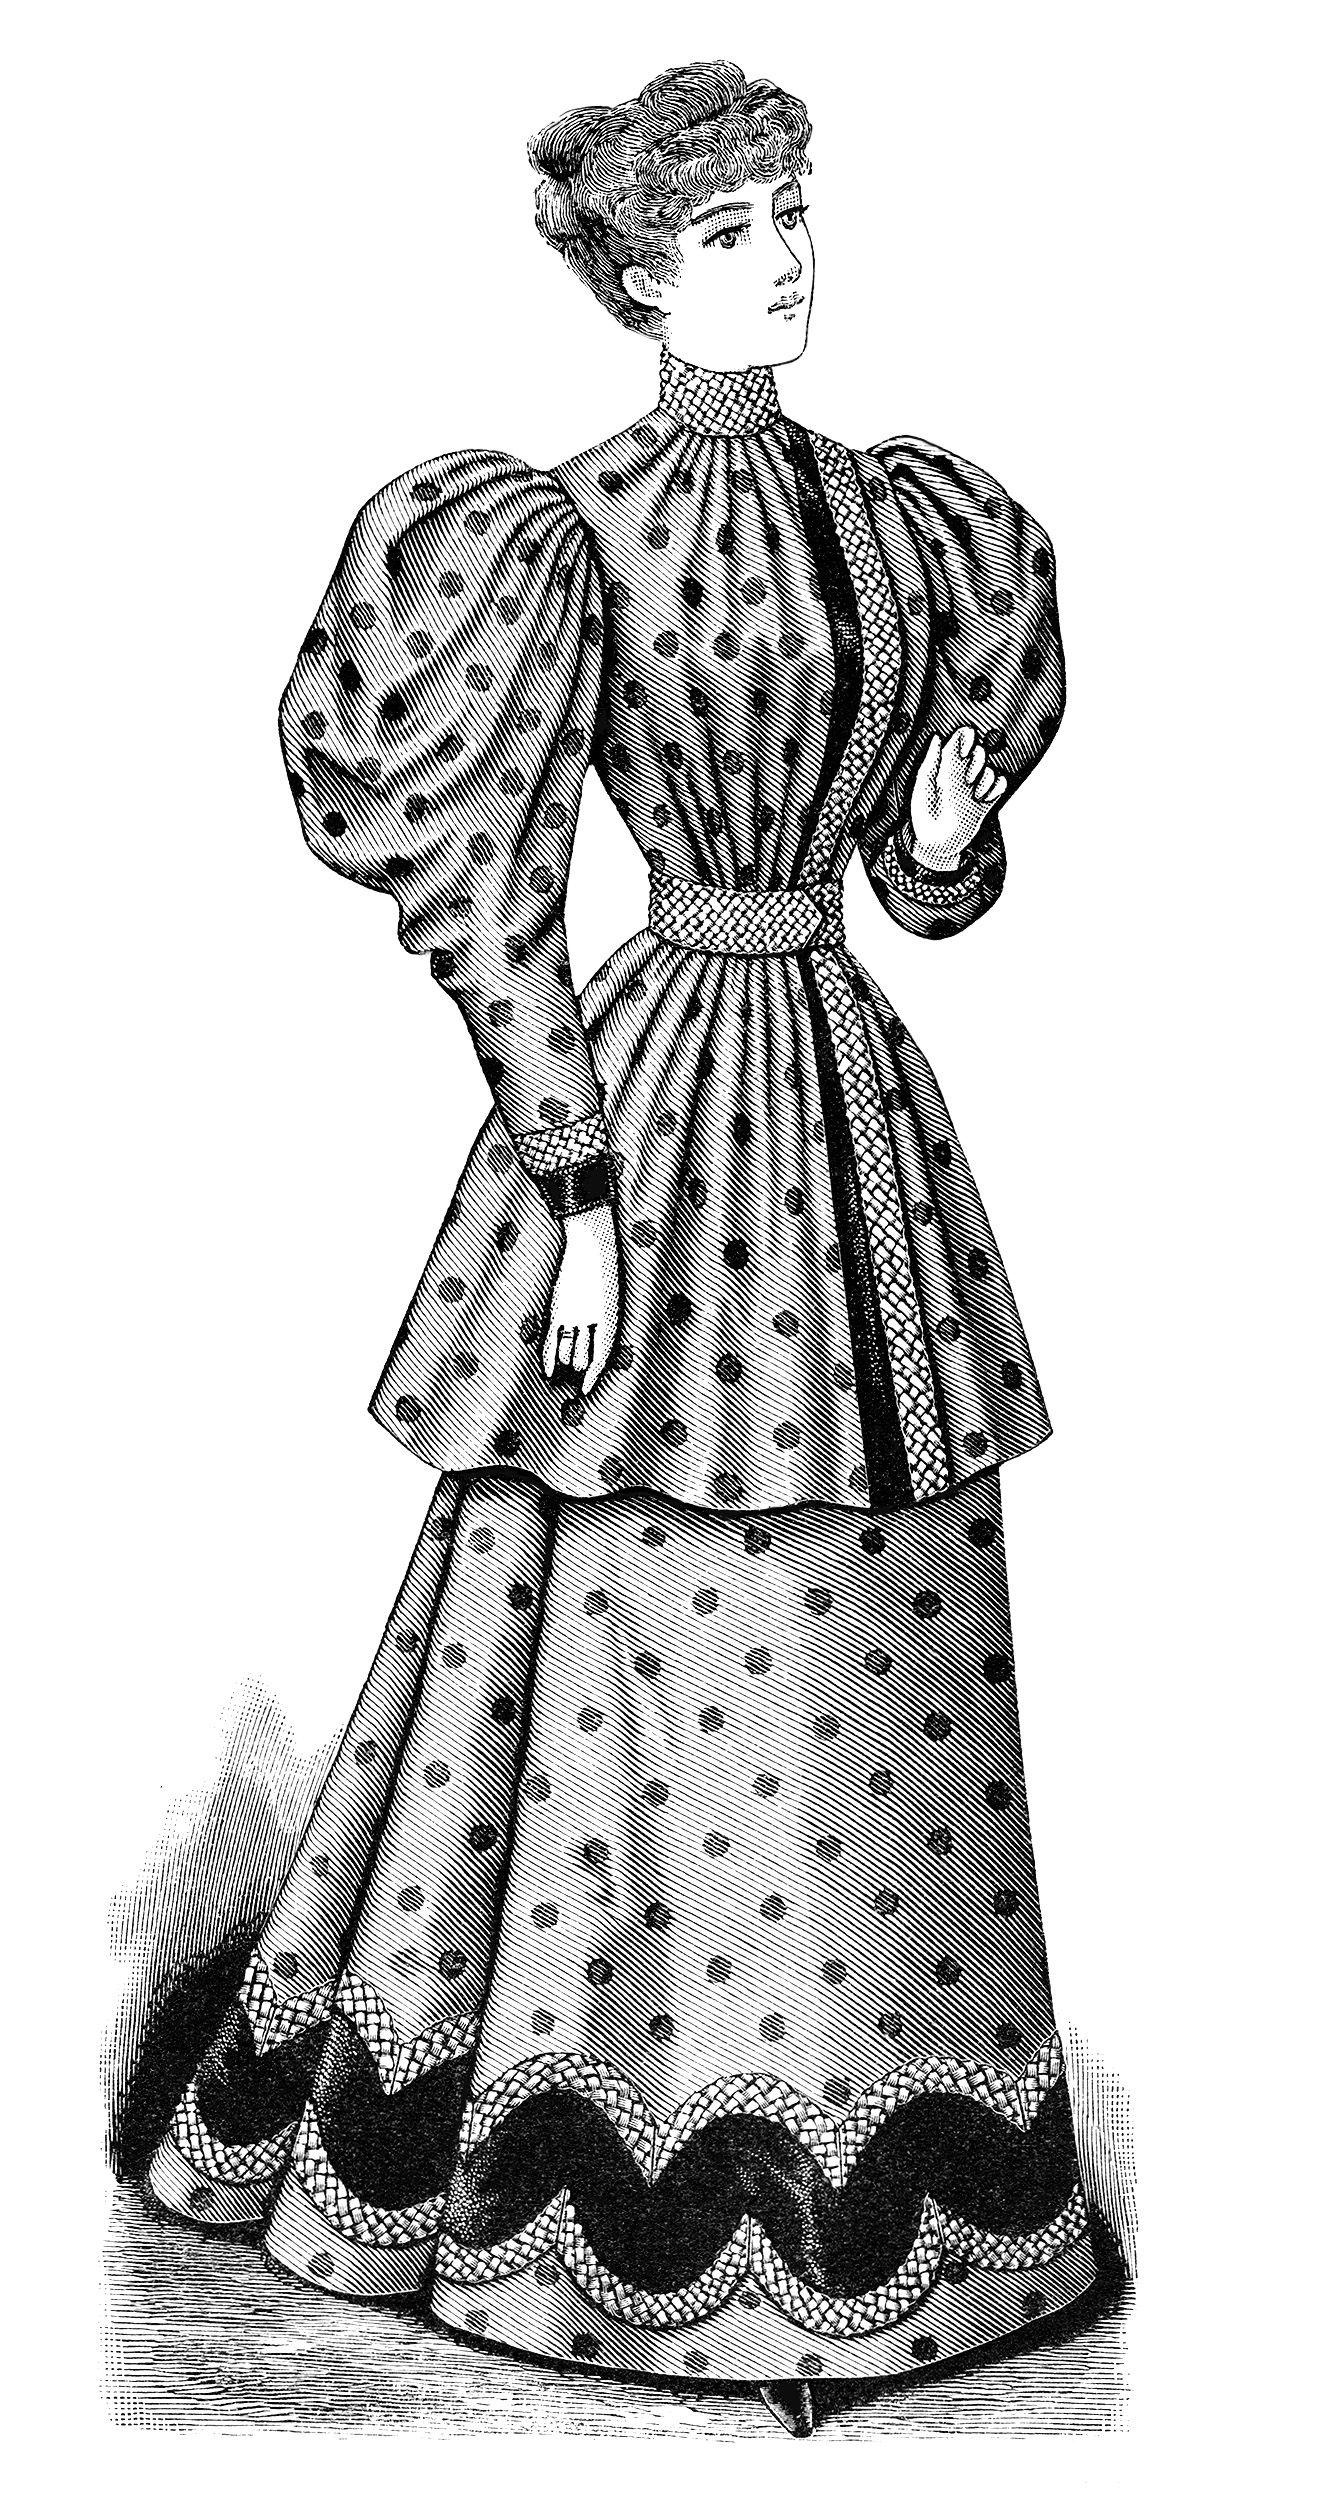 Clip Art Old Fashioned Polka Dot Dress Illustration Black.